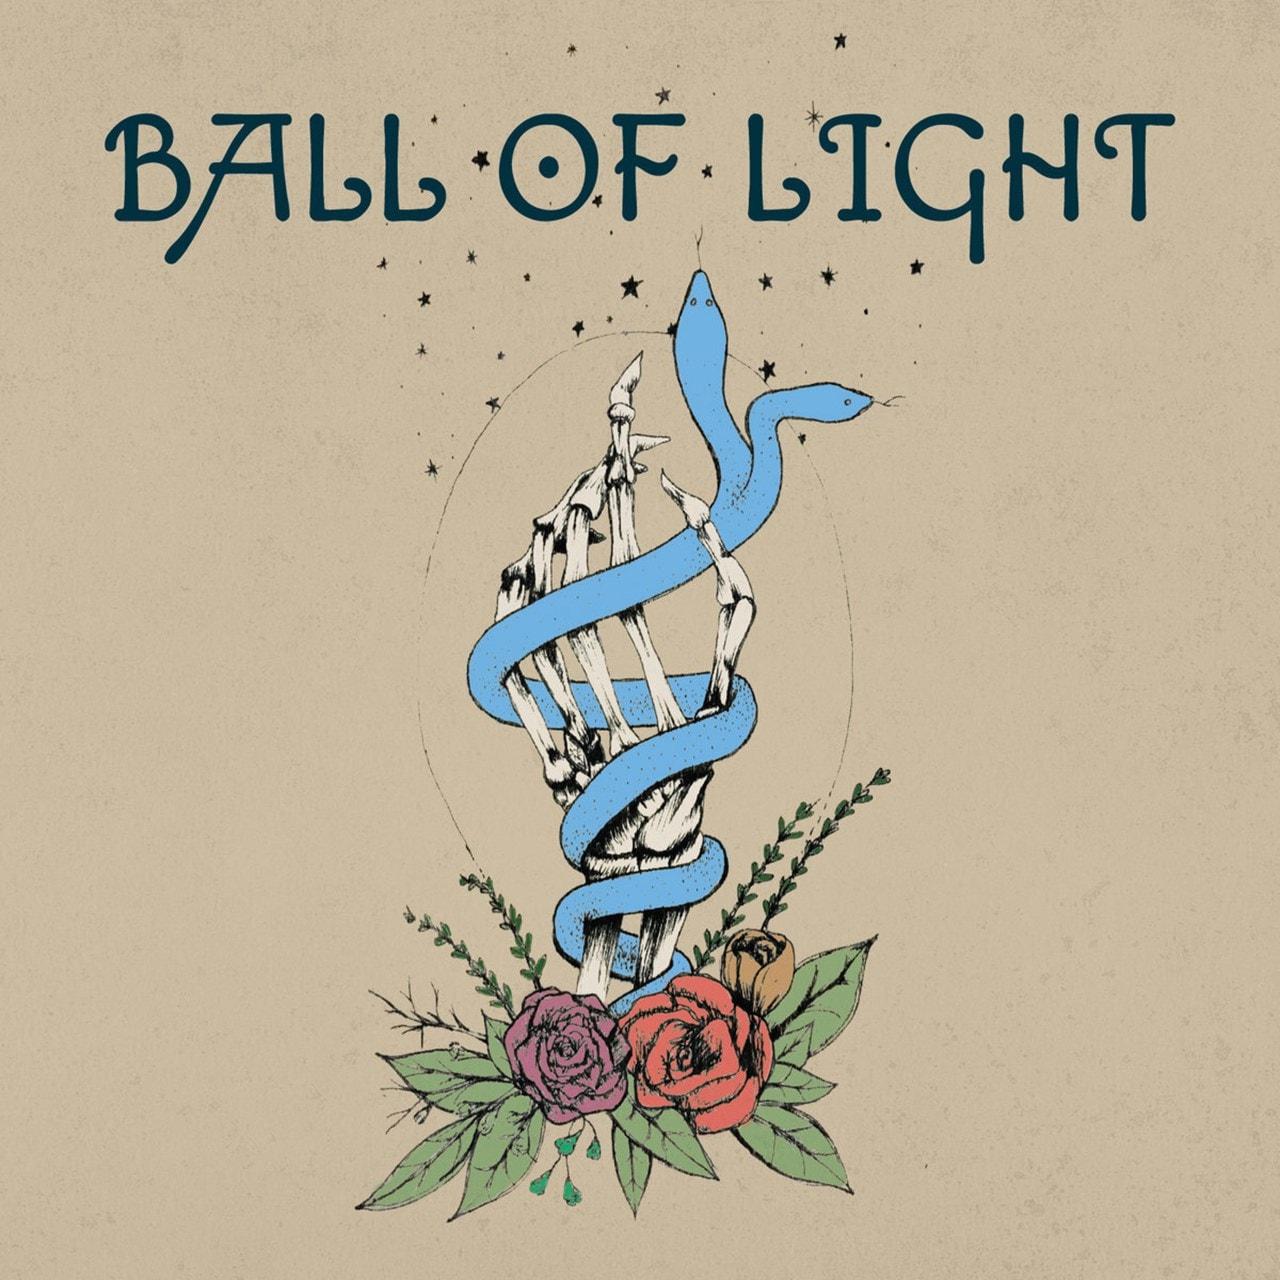 Ball of Light - 1